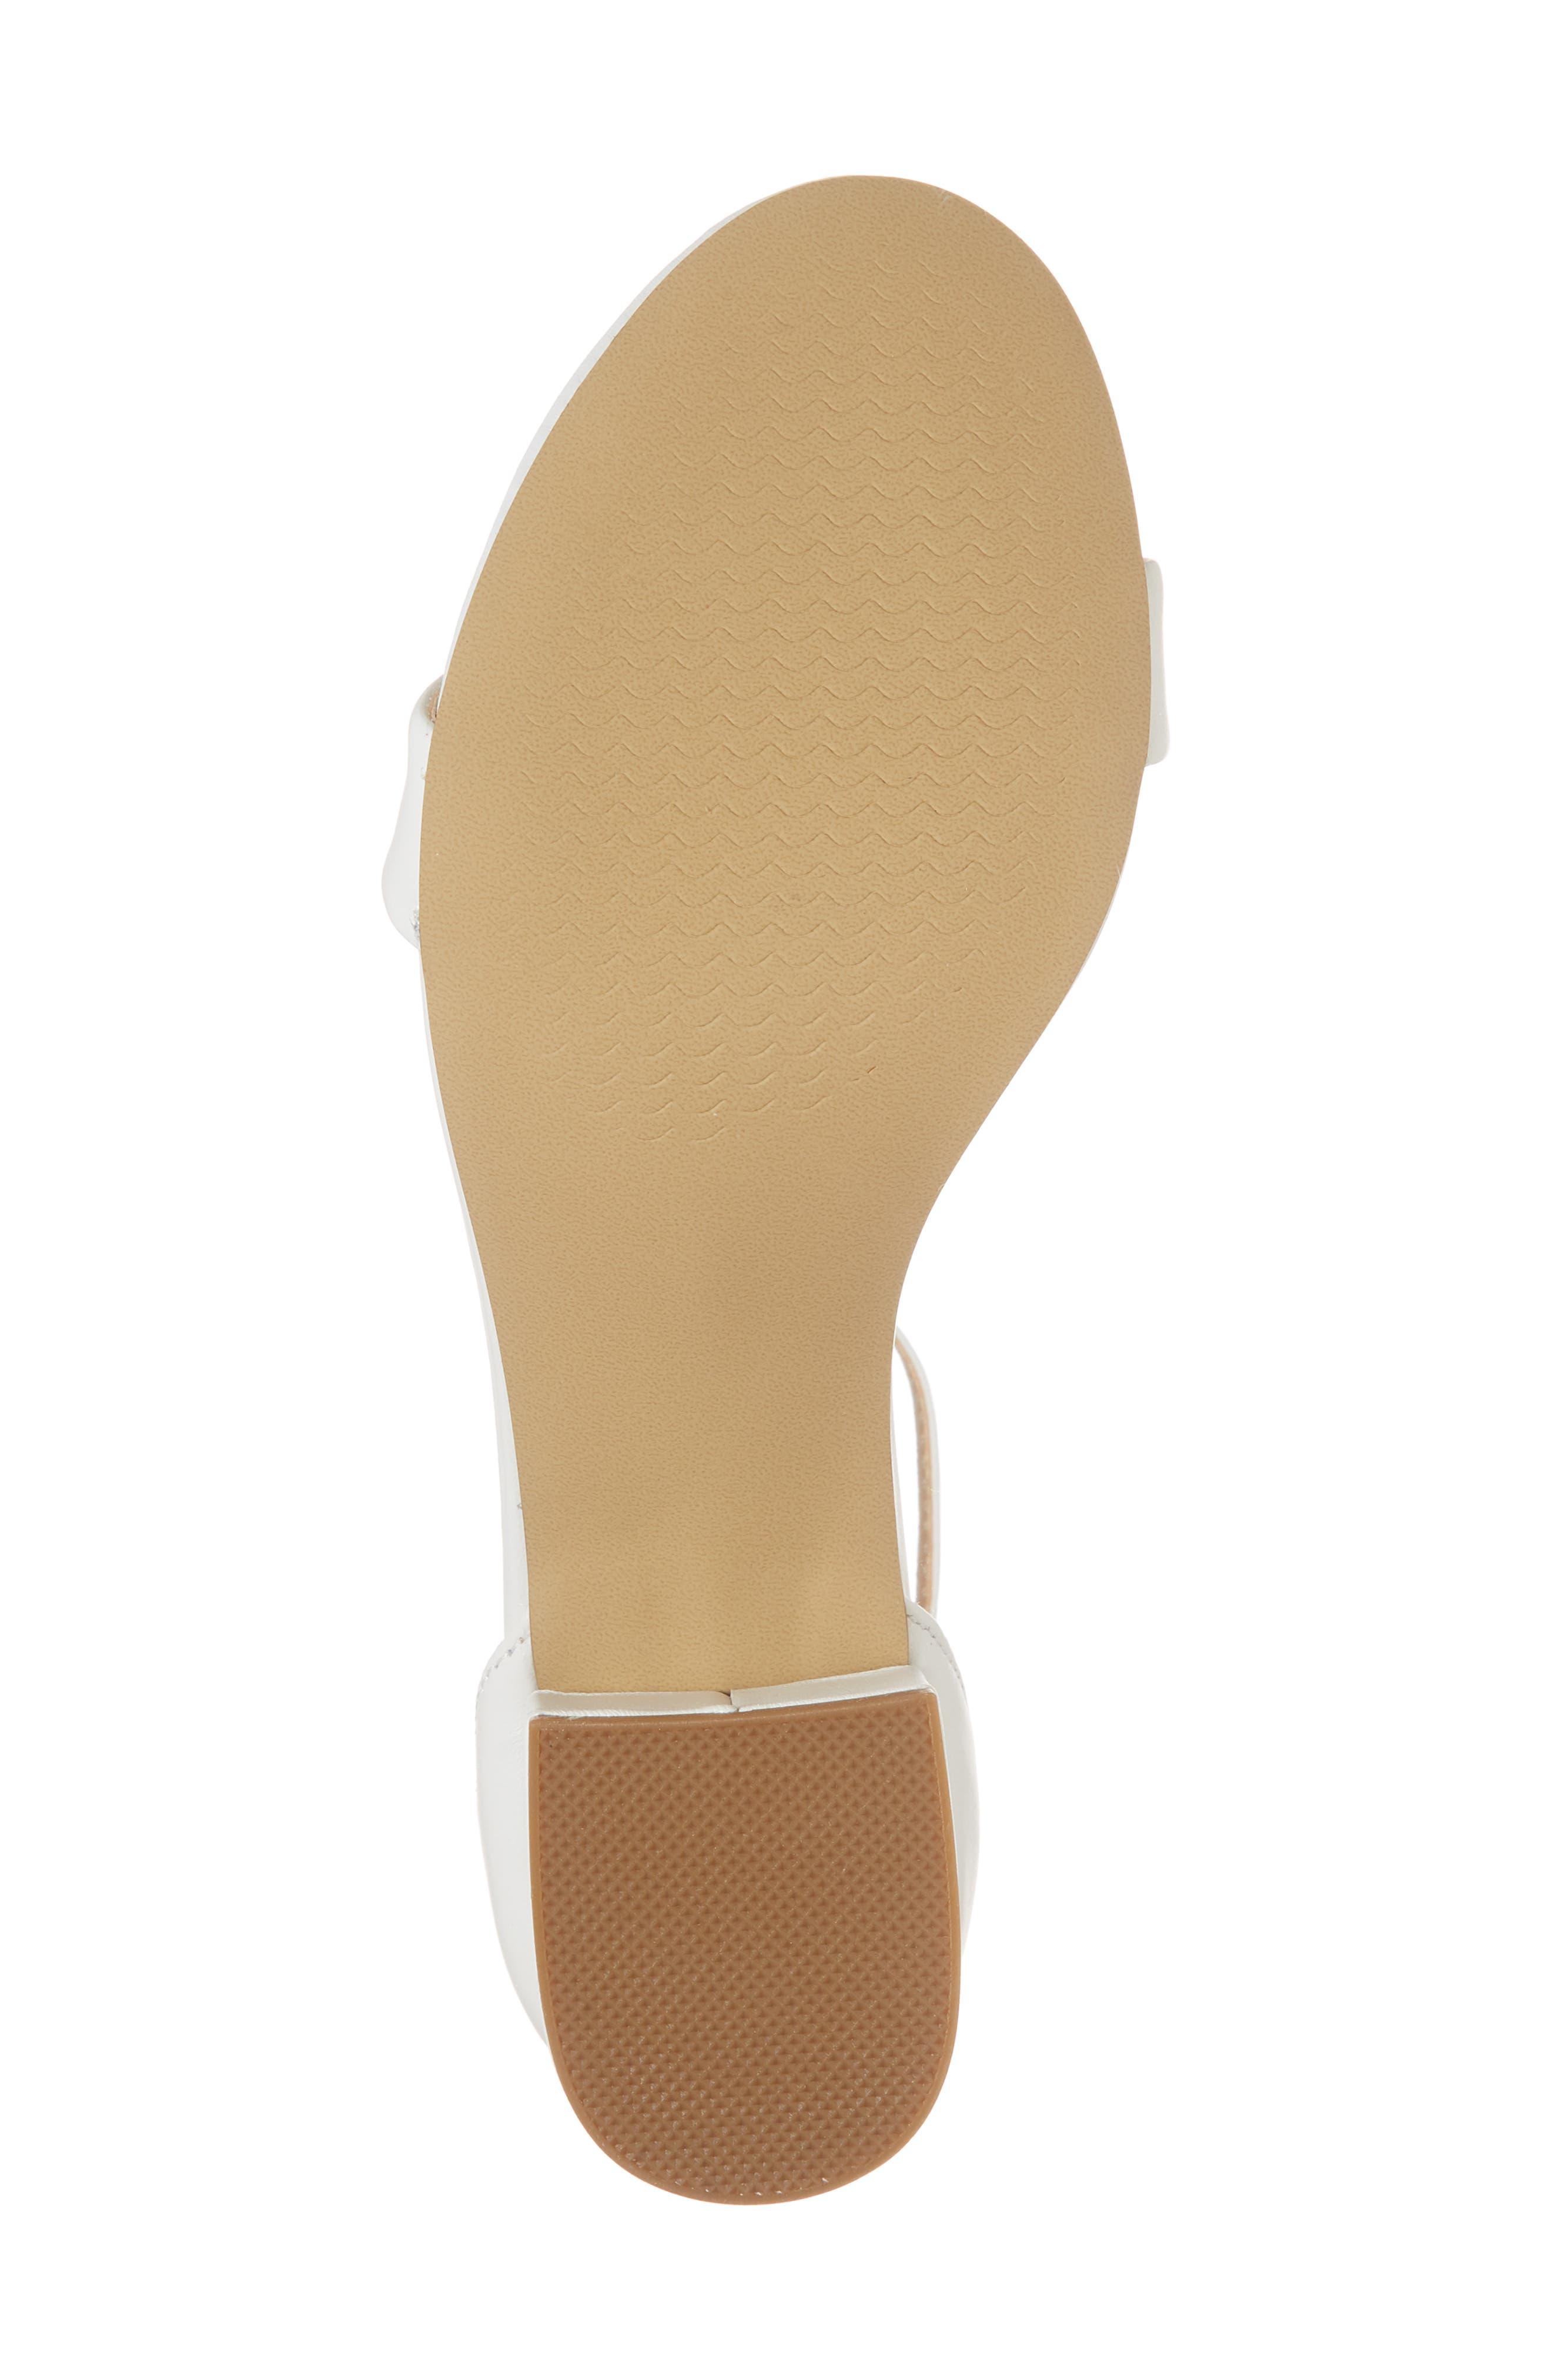 Irenee Ankle Strap Sandal,                             Alternate thumbnail 147, color,